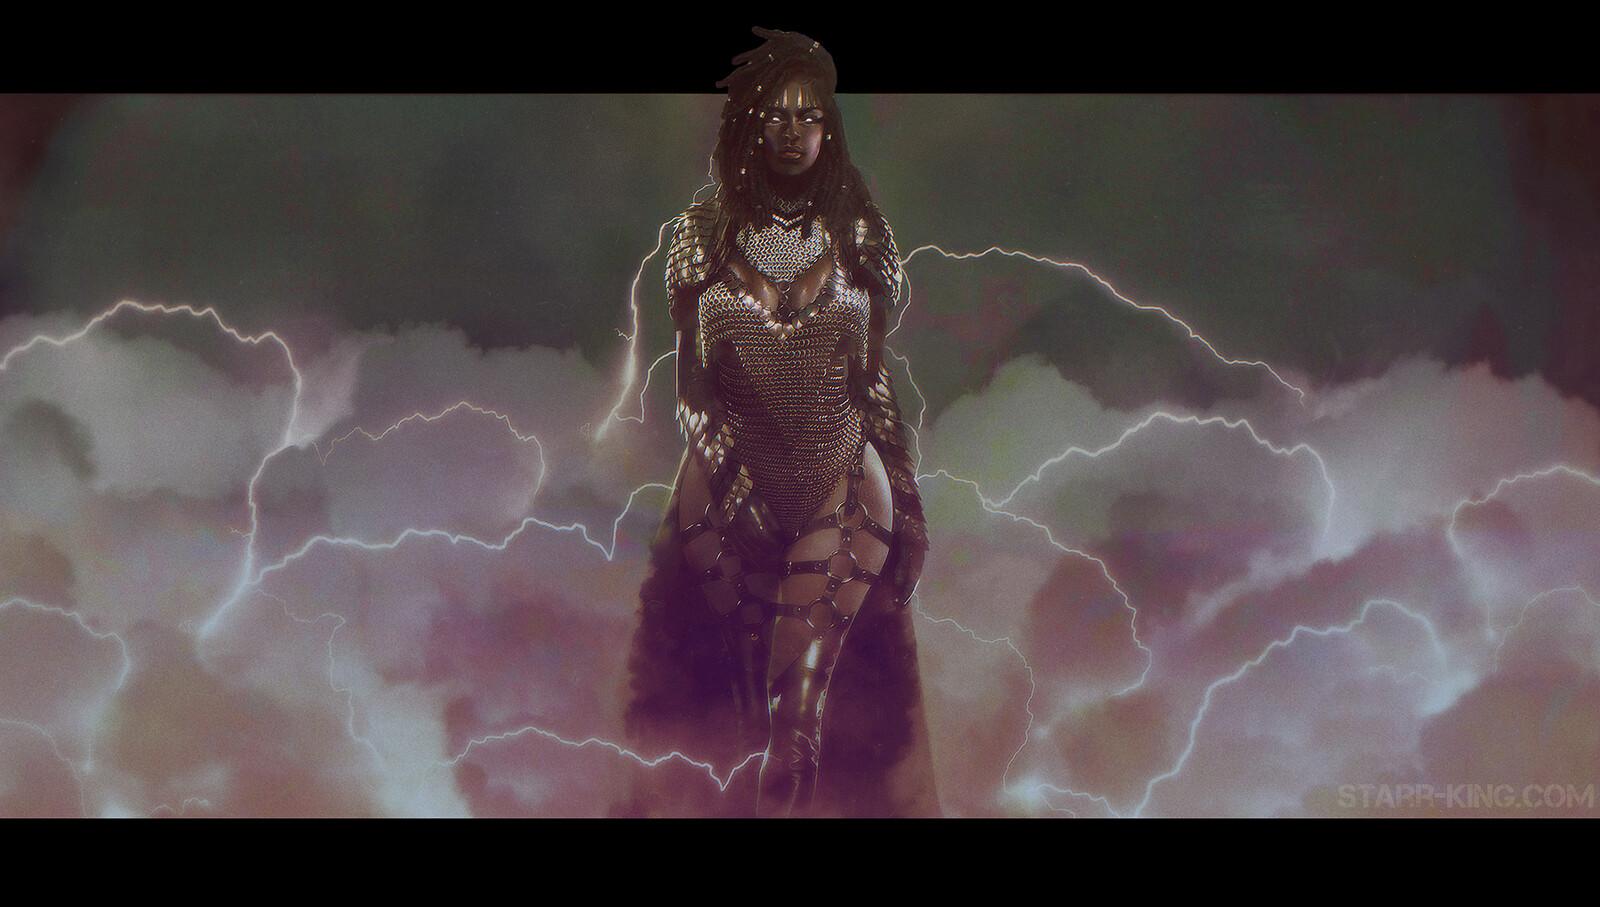 Queen of Storms